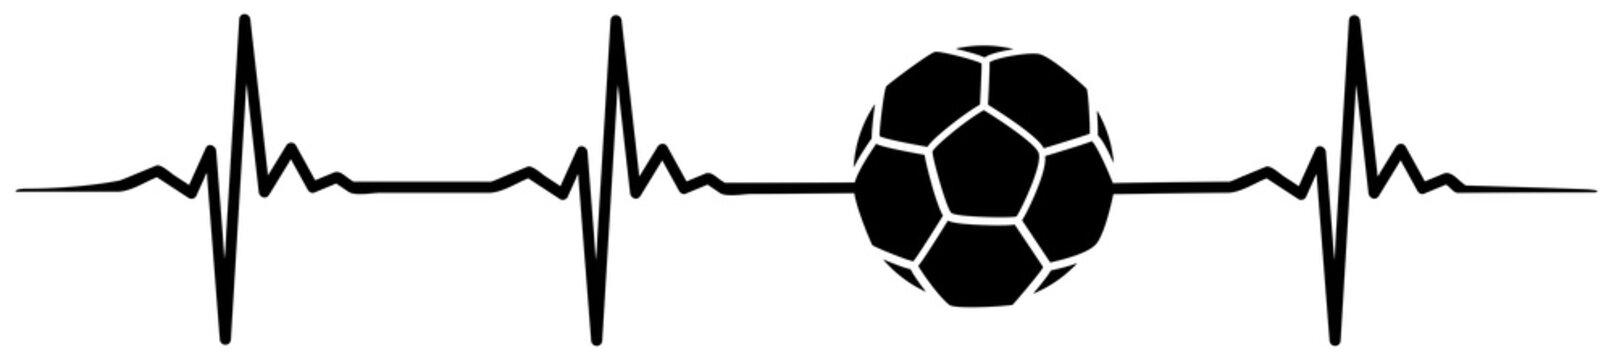 football soccer heartbeat #isoliert #vektor - Fußball Herzschlag